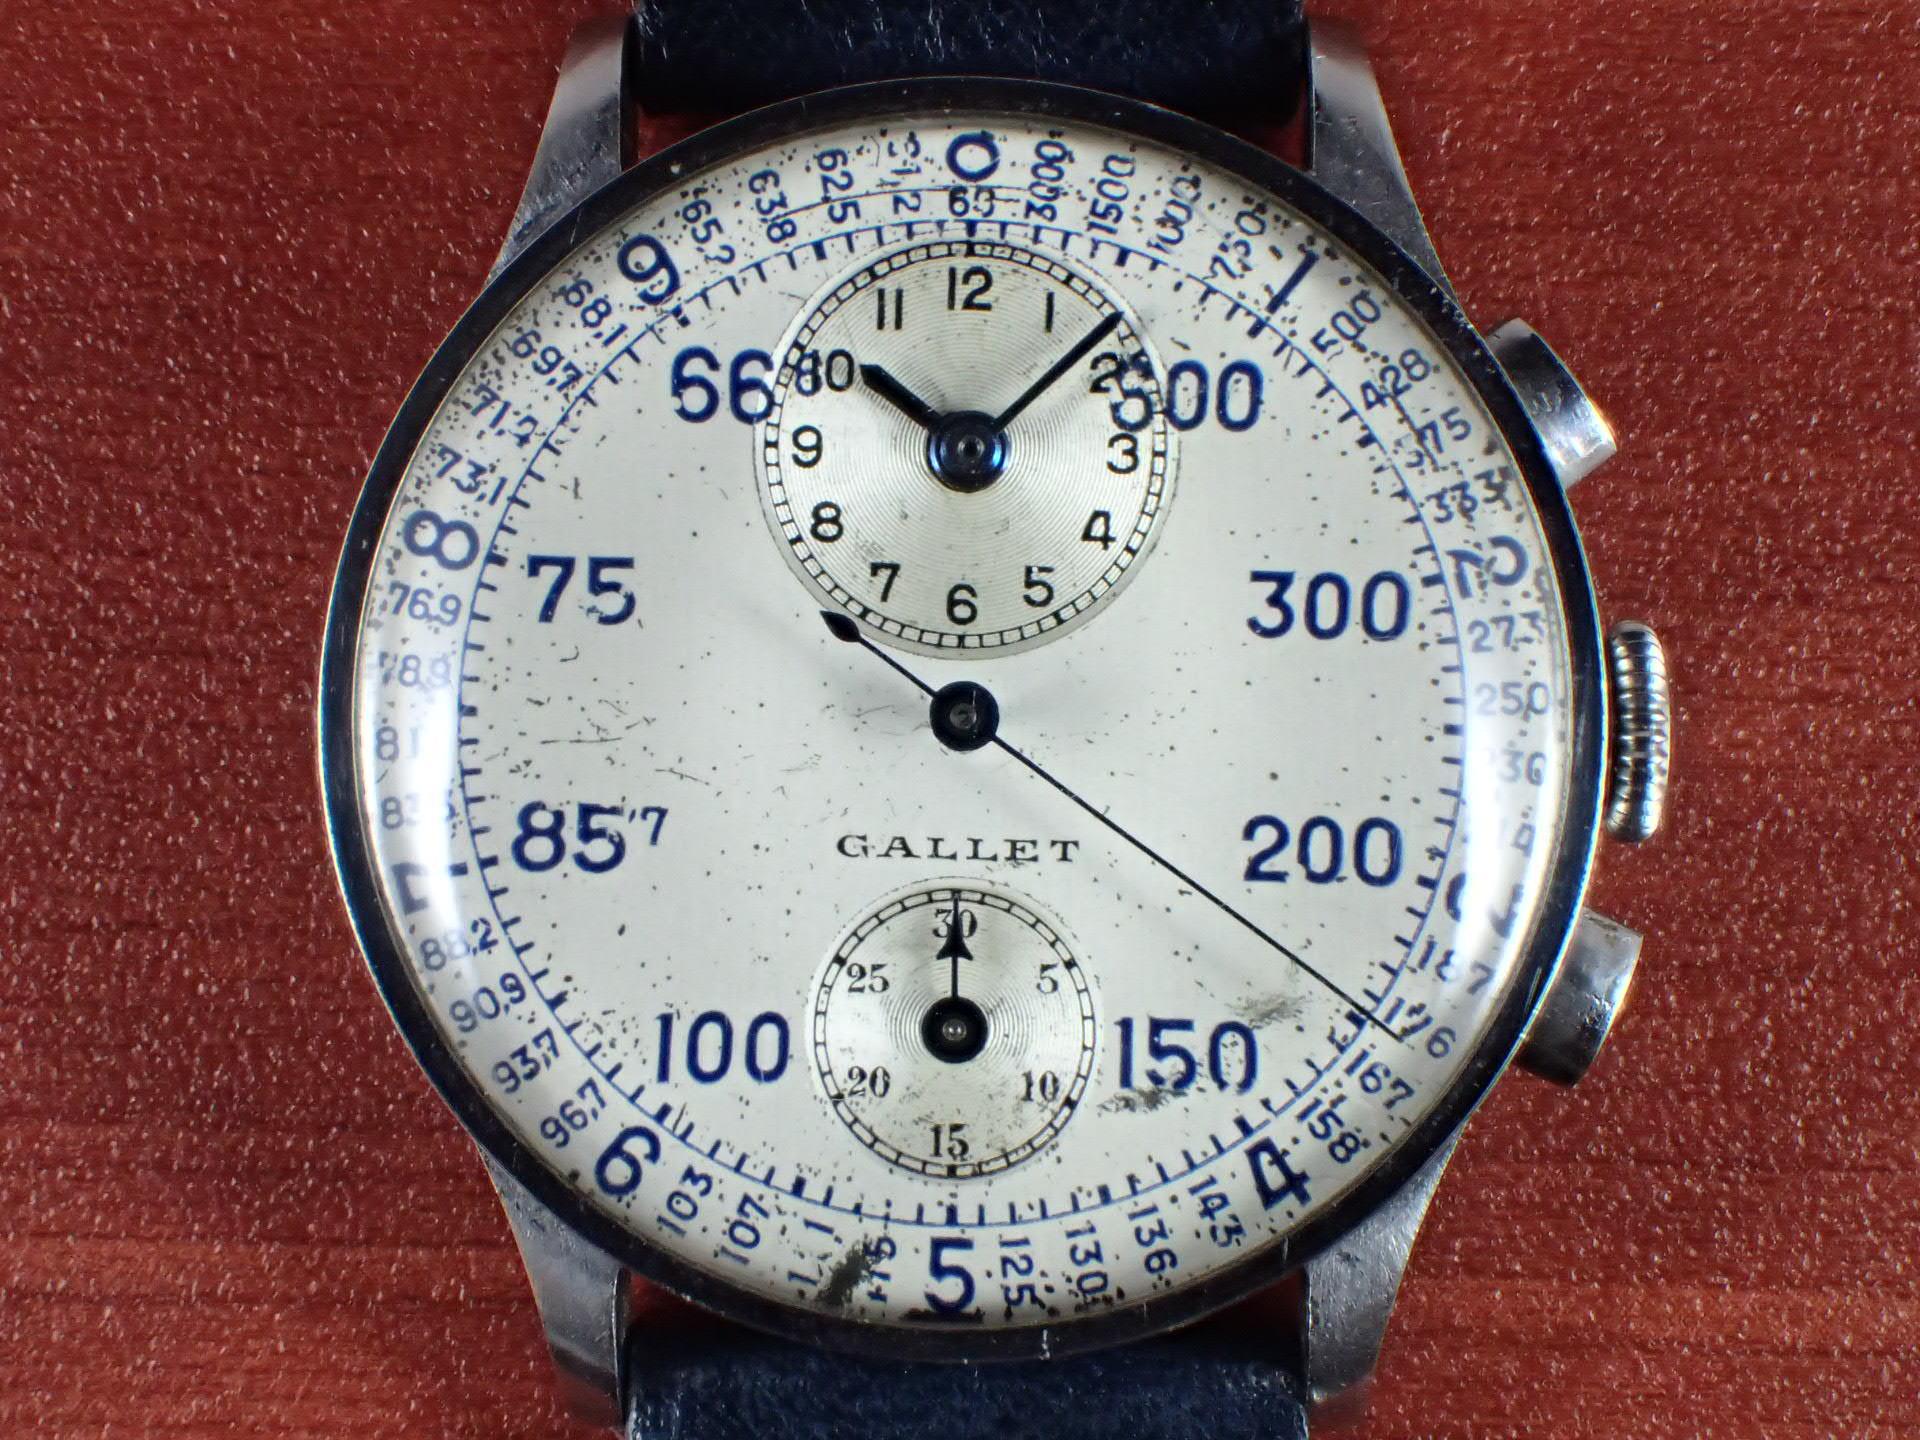 ギャレット マルチクロン レギュレーター ヴィーナス140 タキメーター 1940年代の写真2枚目